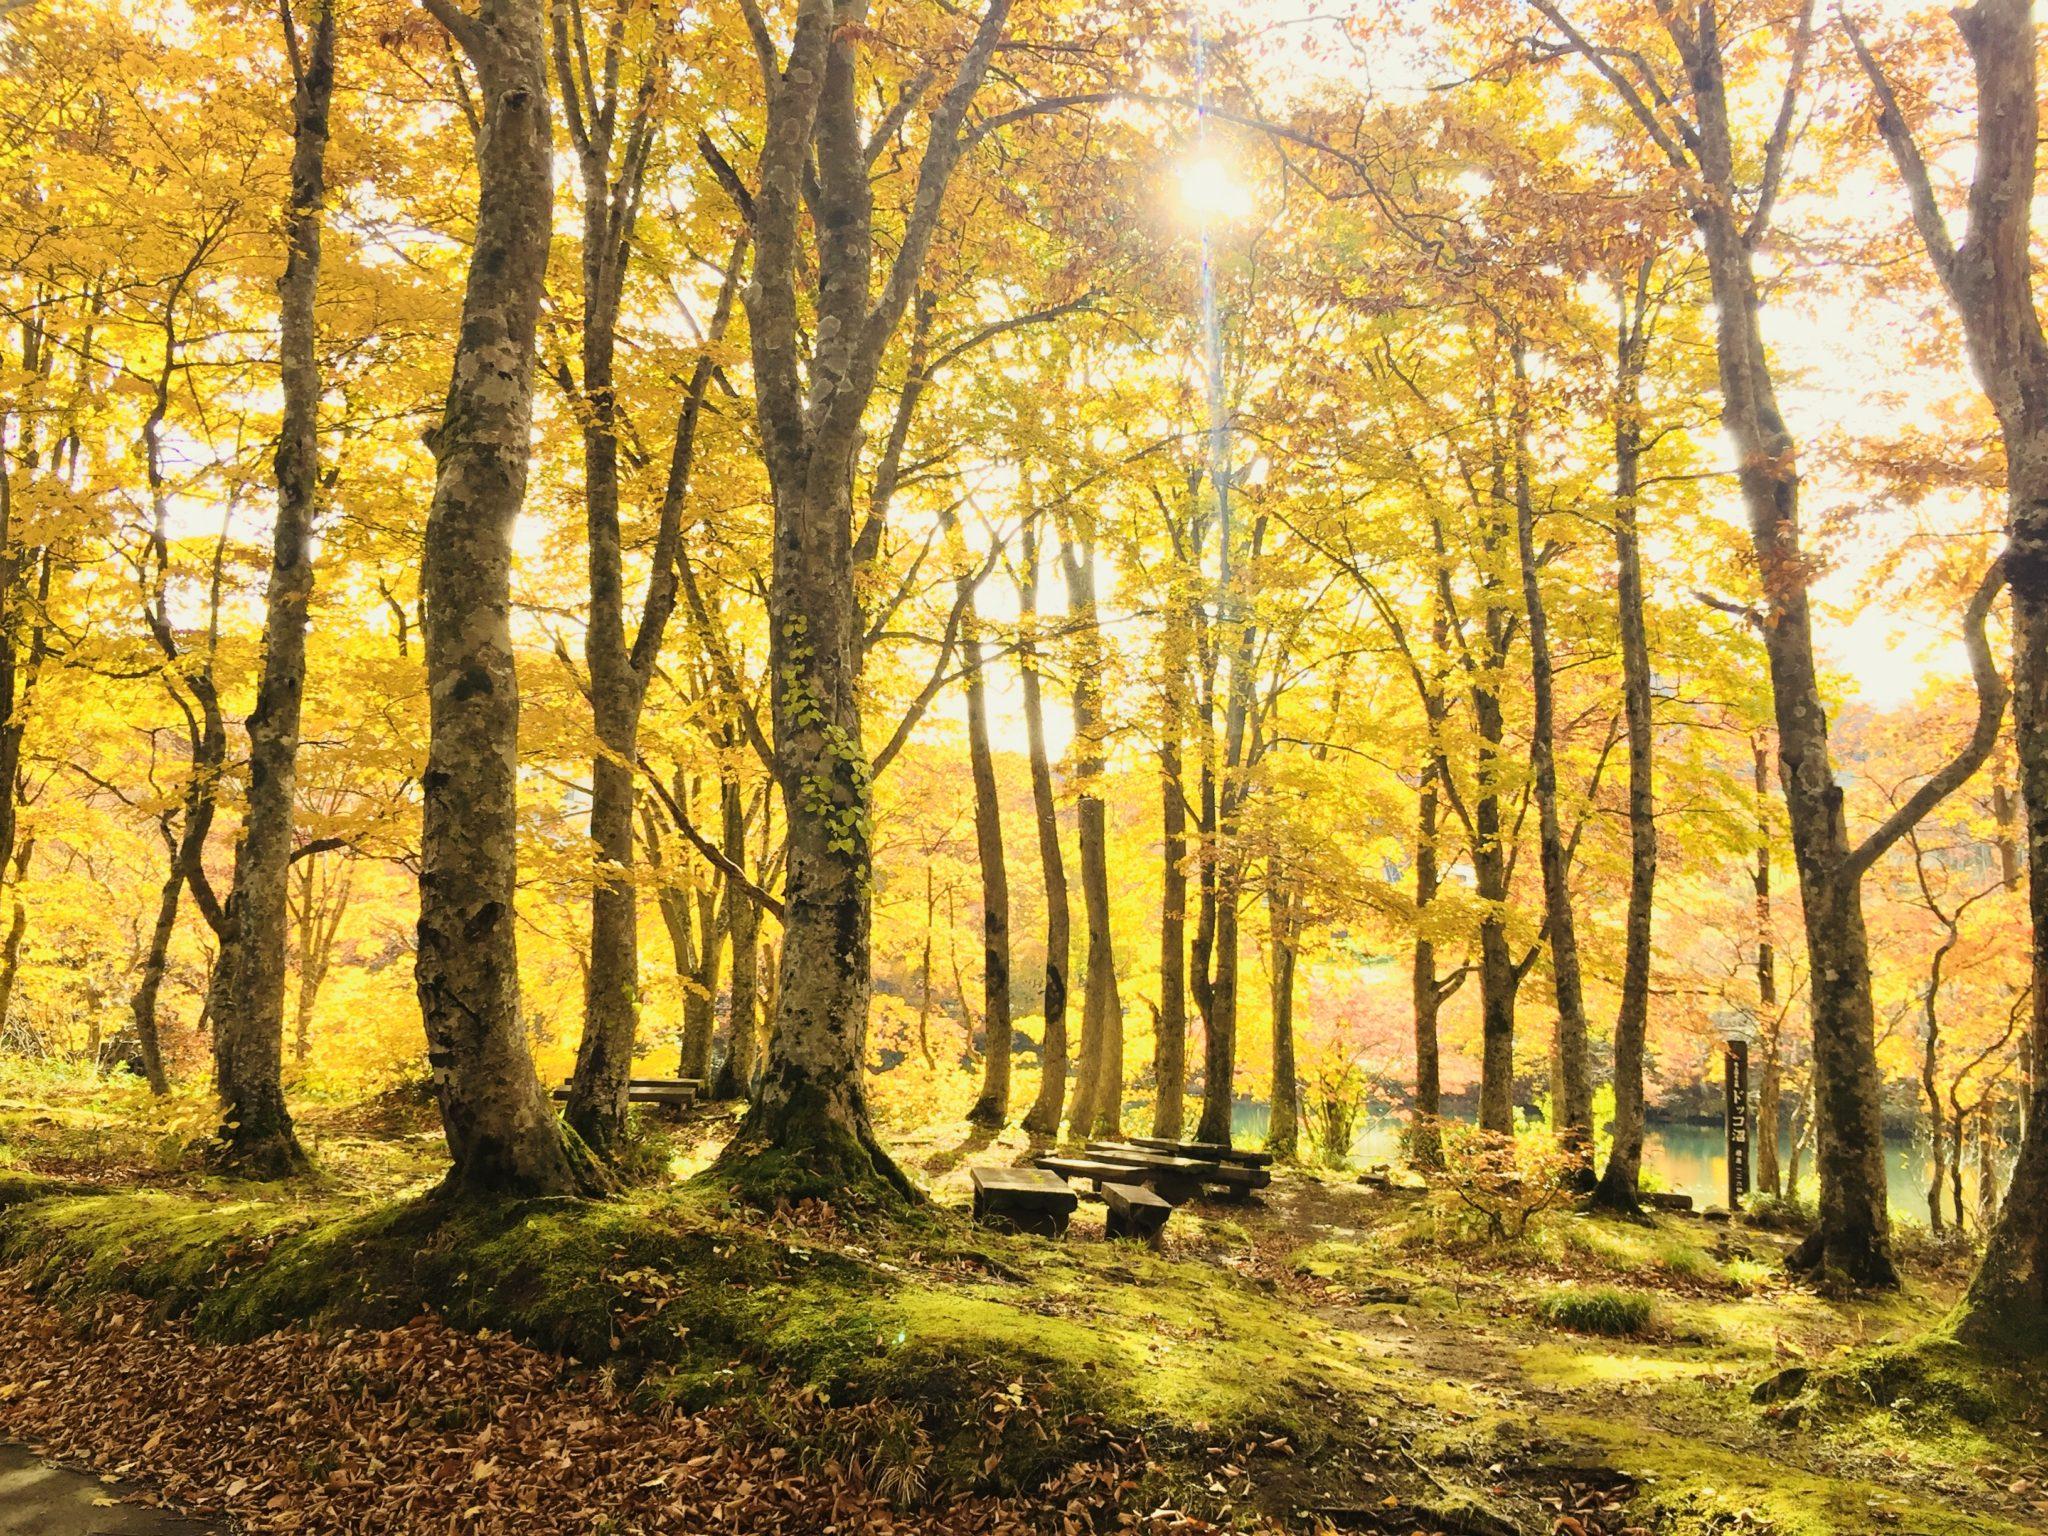 【オススメ】秋の蔵王★紅葉のドッコ沼と中央高原散策ガイドツアー